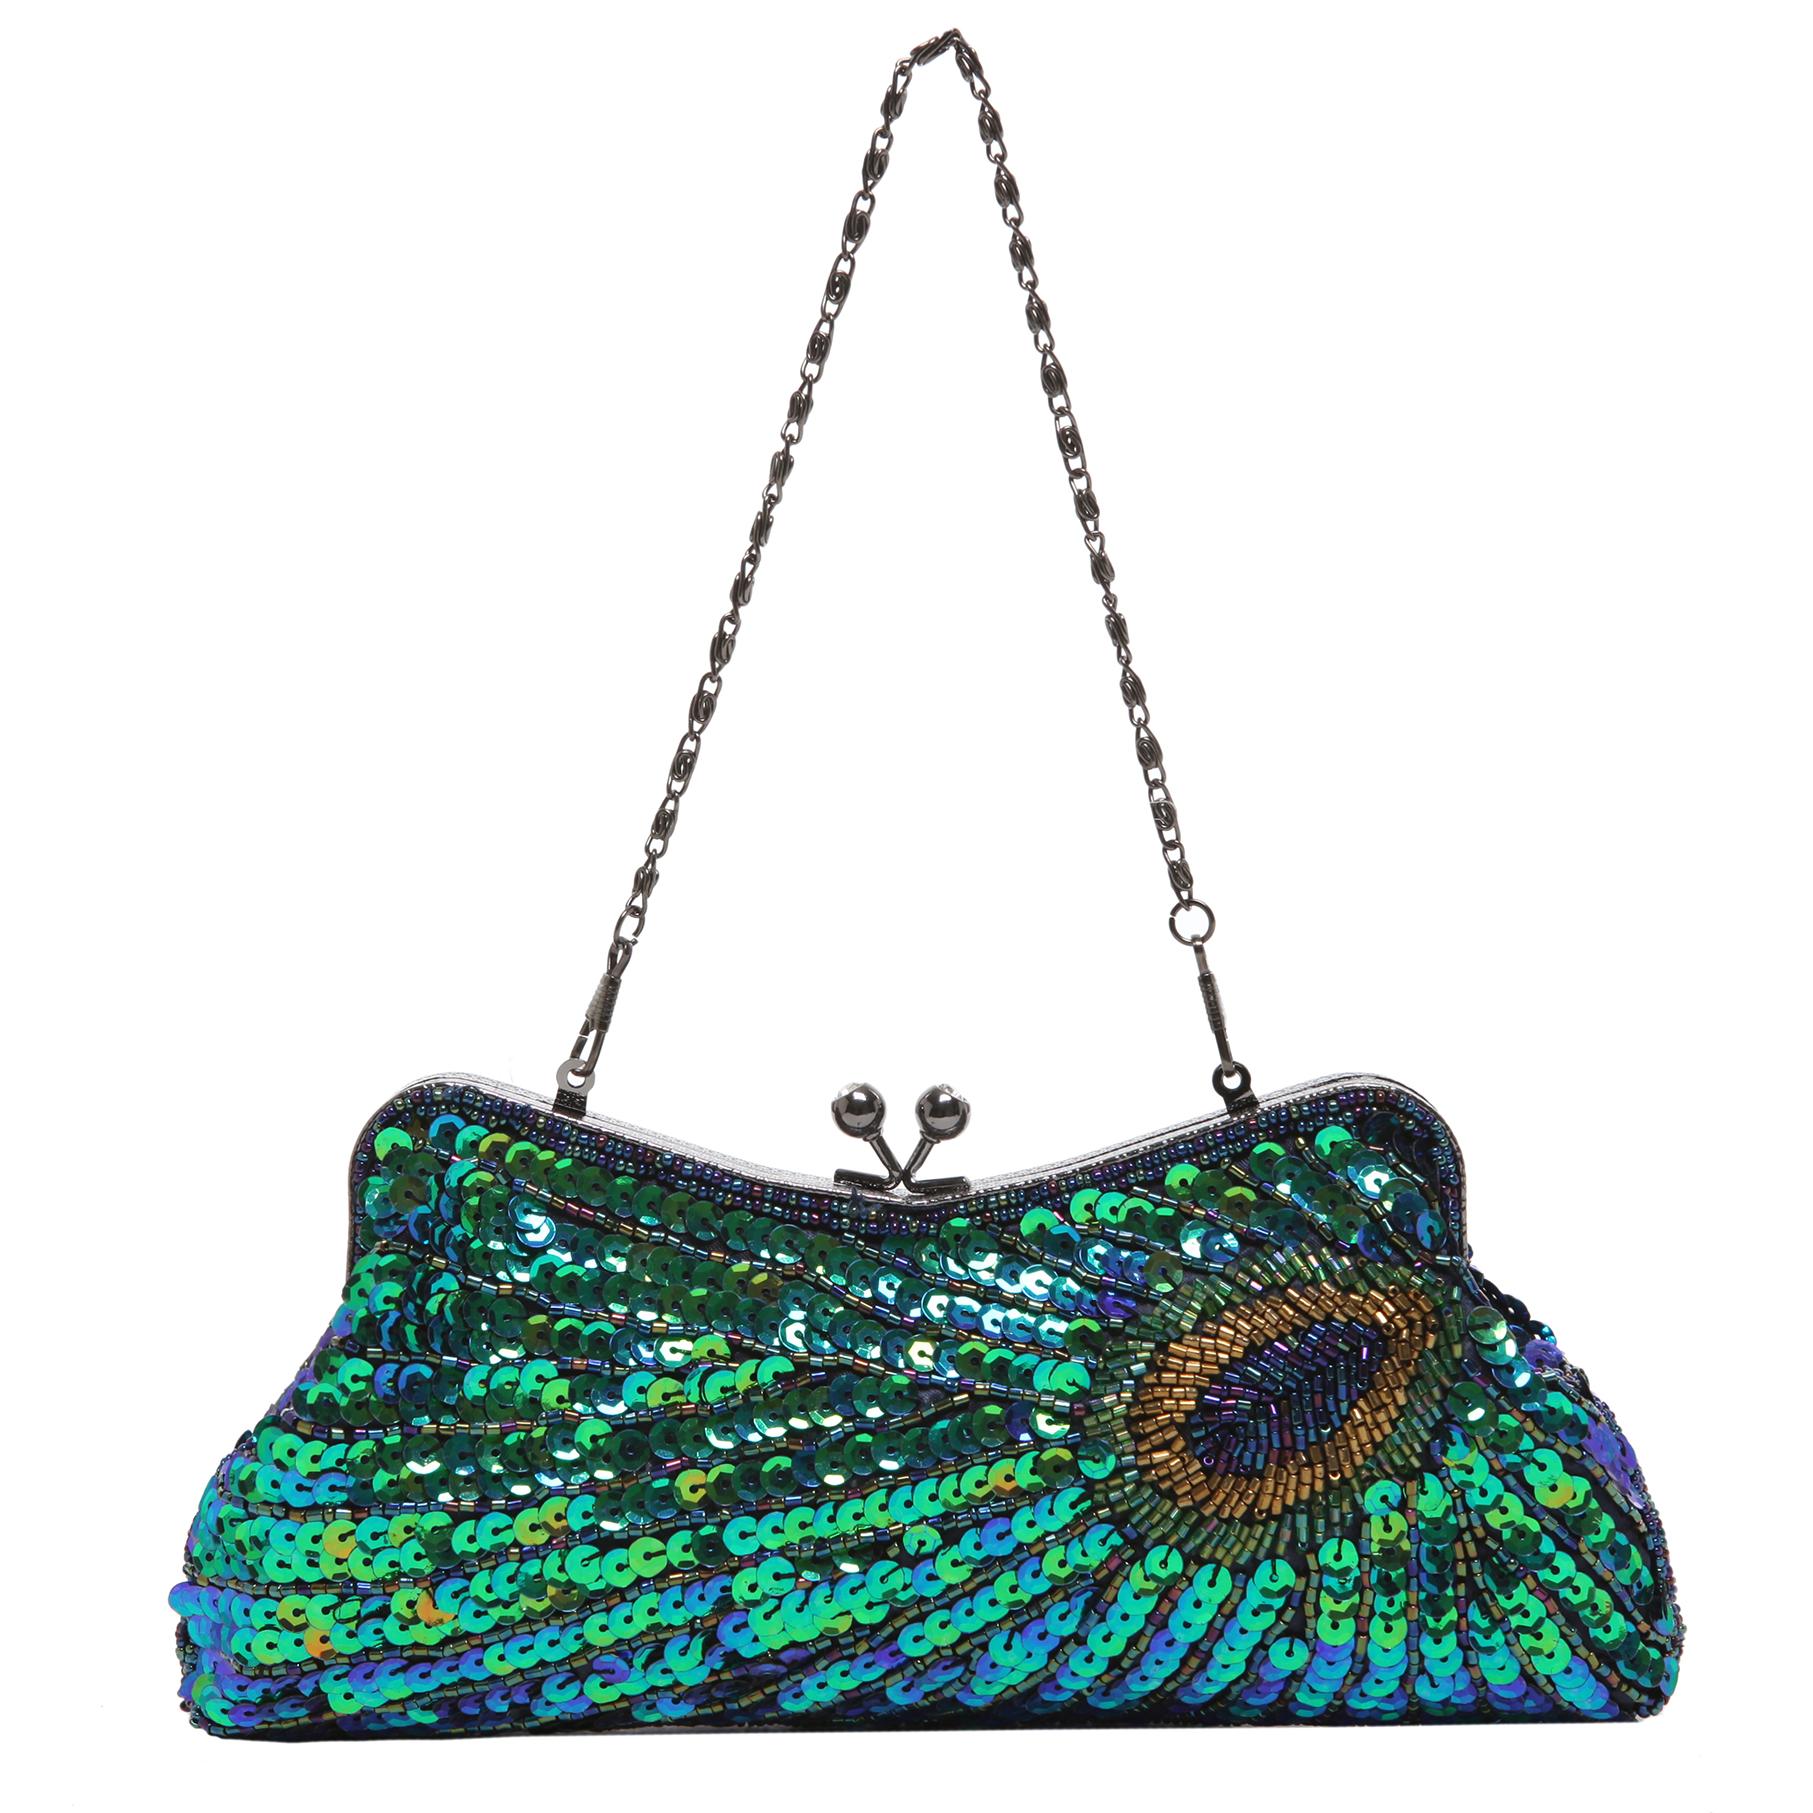 LAUREL Green Sequined Evening Bag short strap